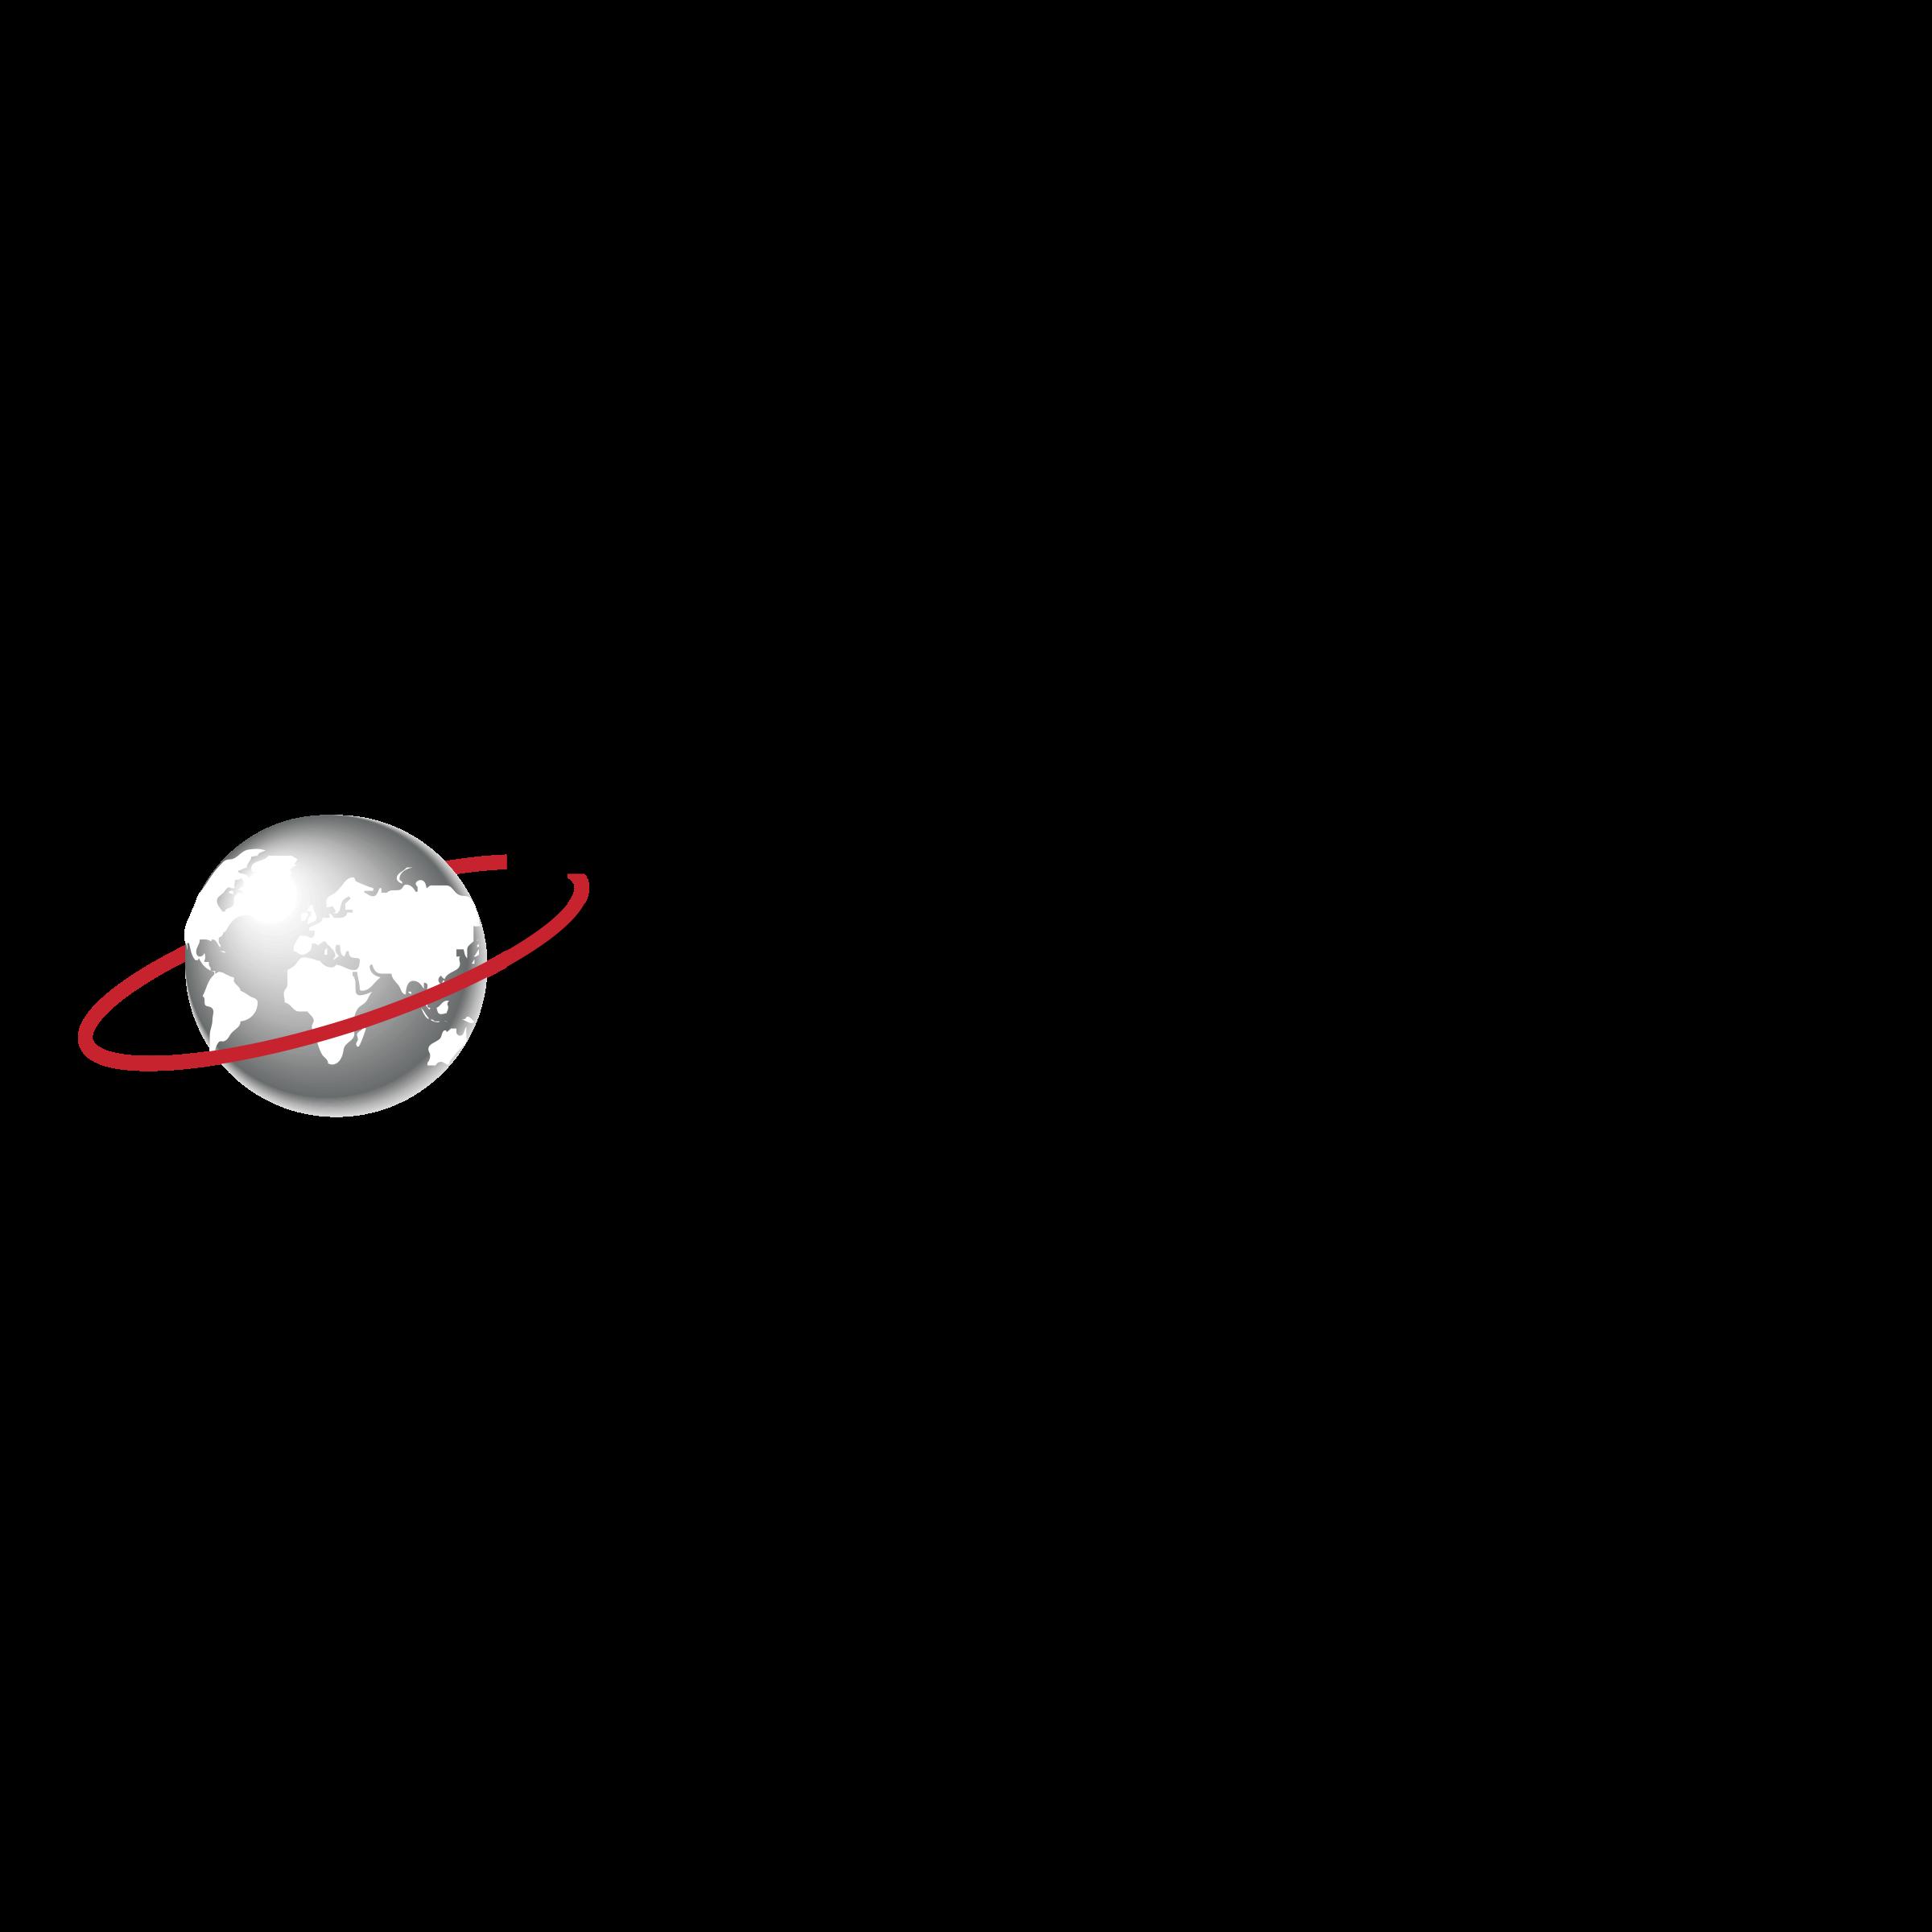 Blackbaud 01 Logo PNG Transparent & SVG Vector.